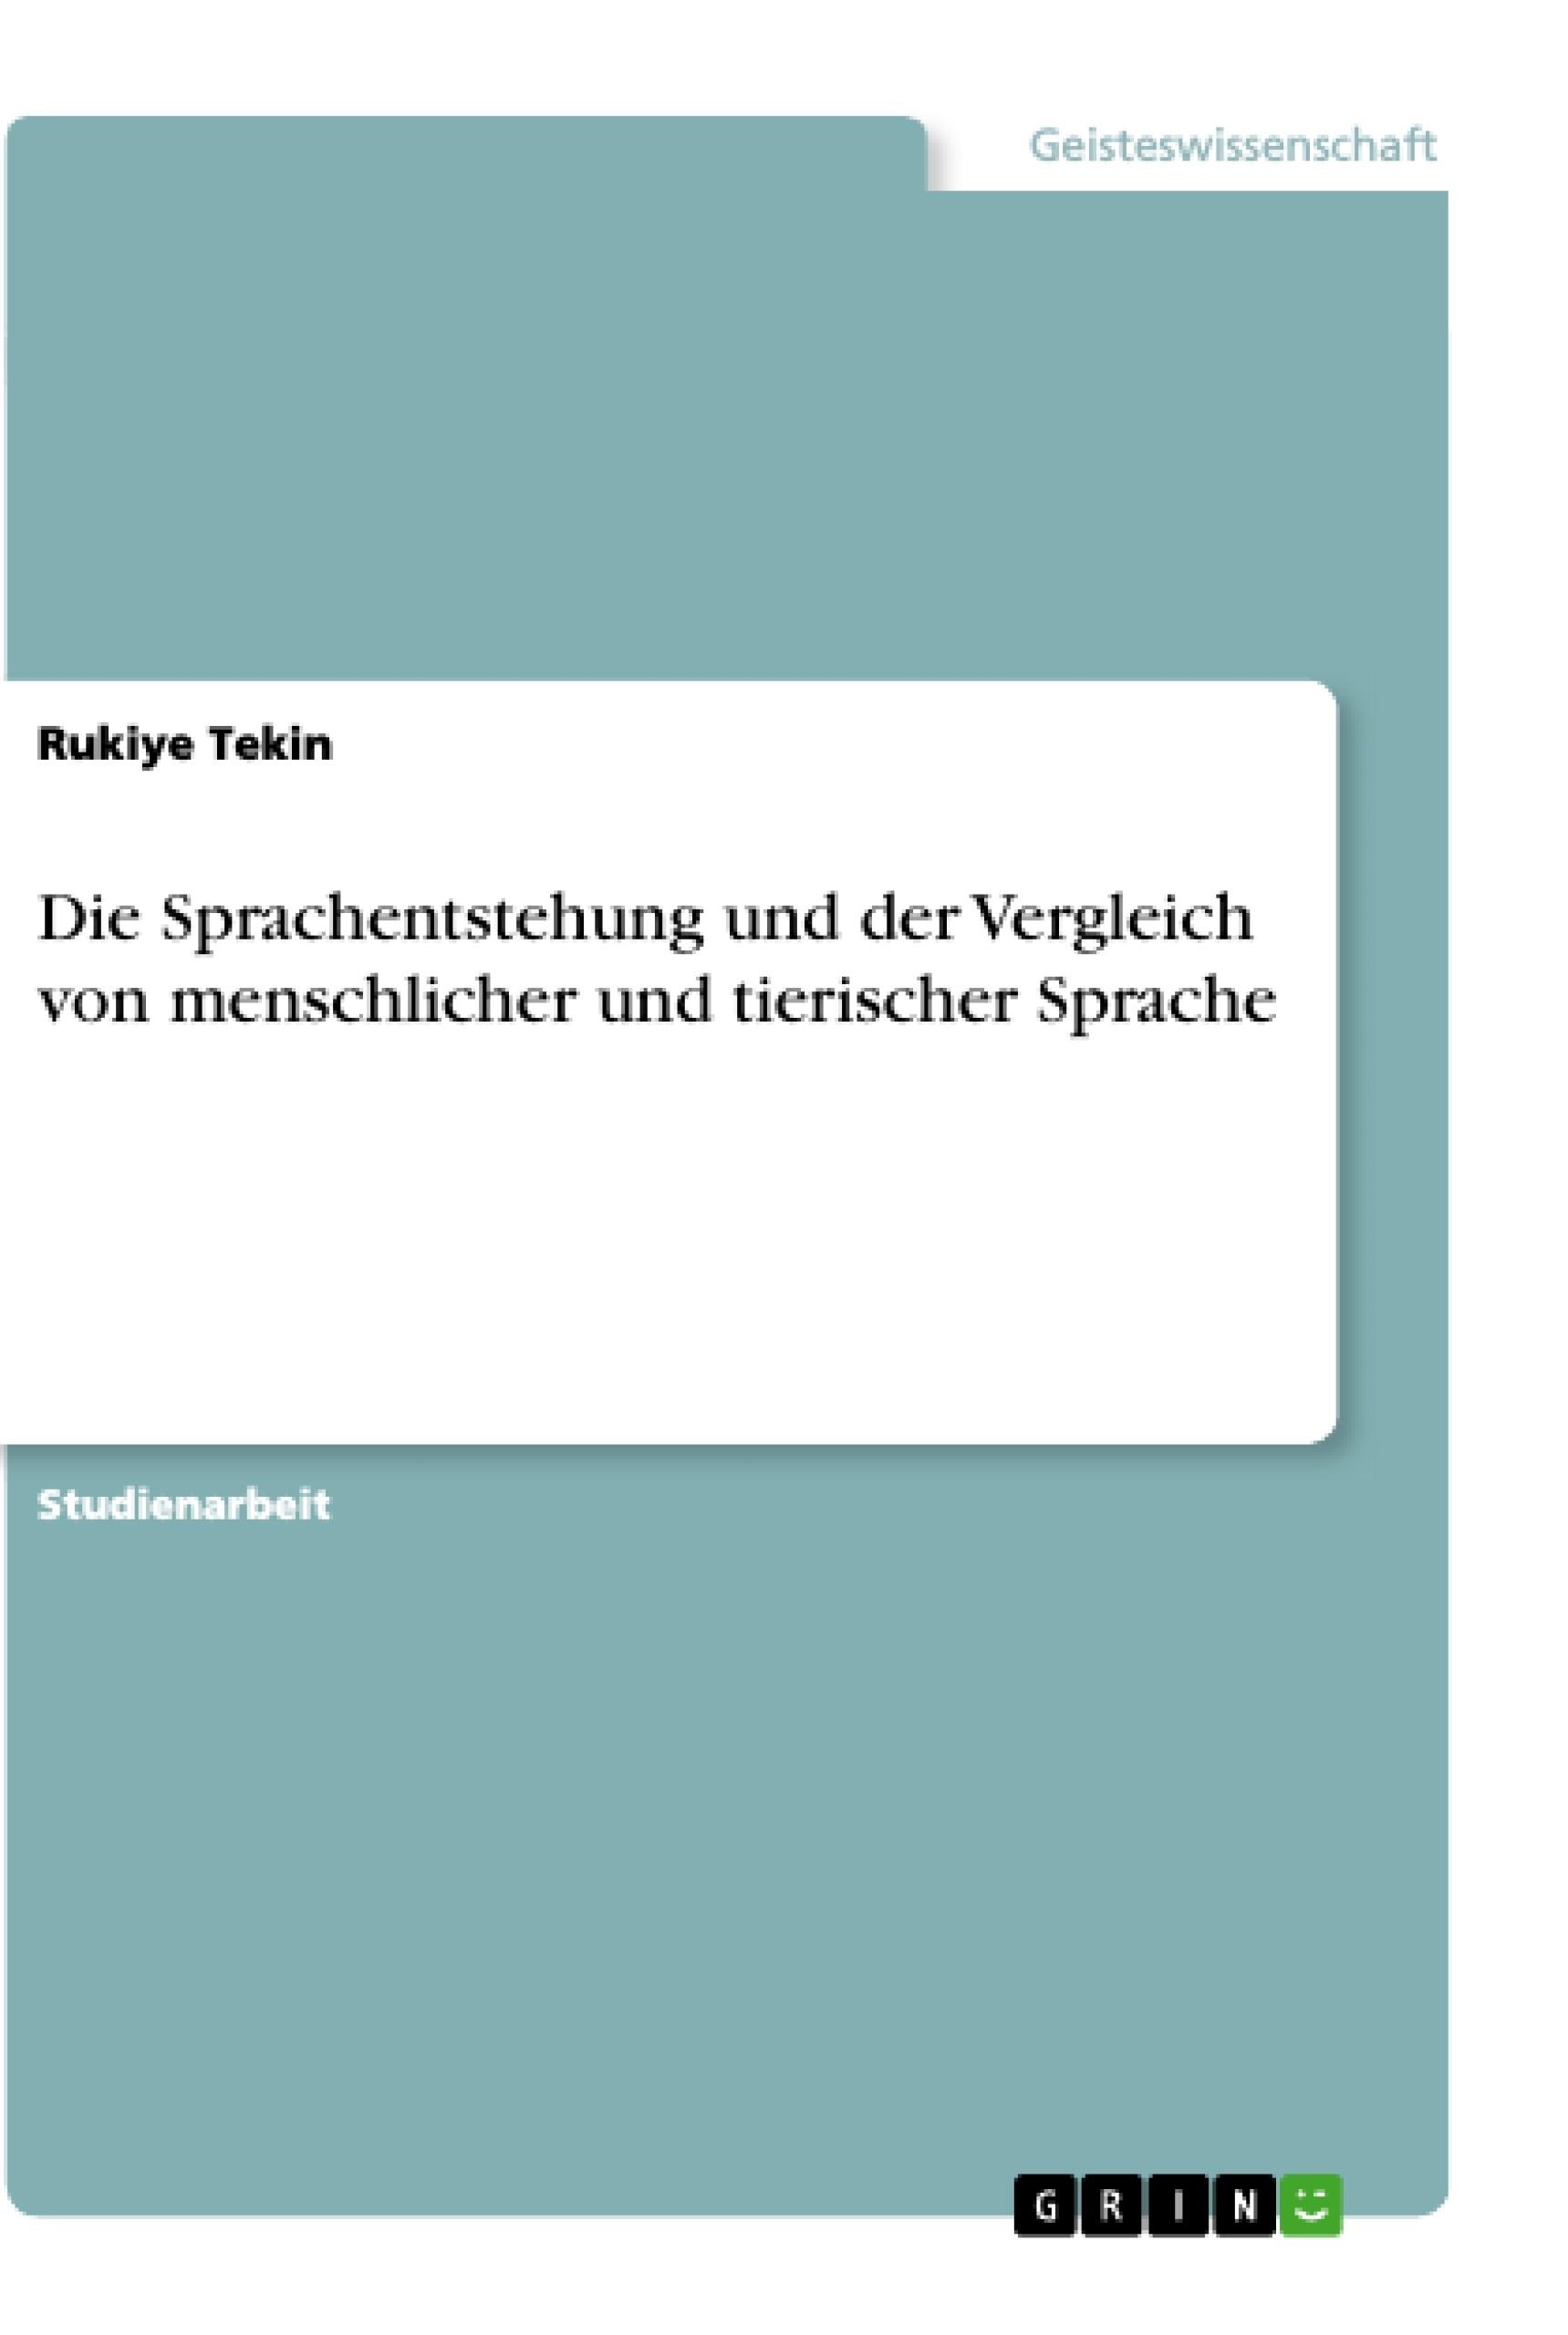 Titel: Die Sprachentstehung und der Vergleich von  menschlicher und tierischer Sprache